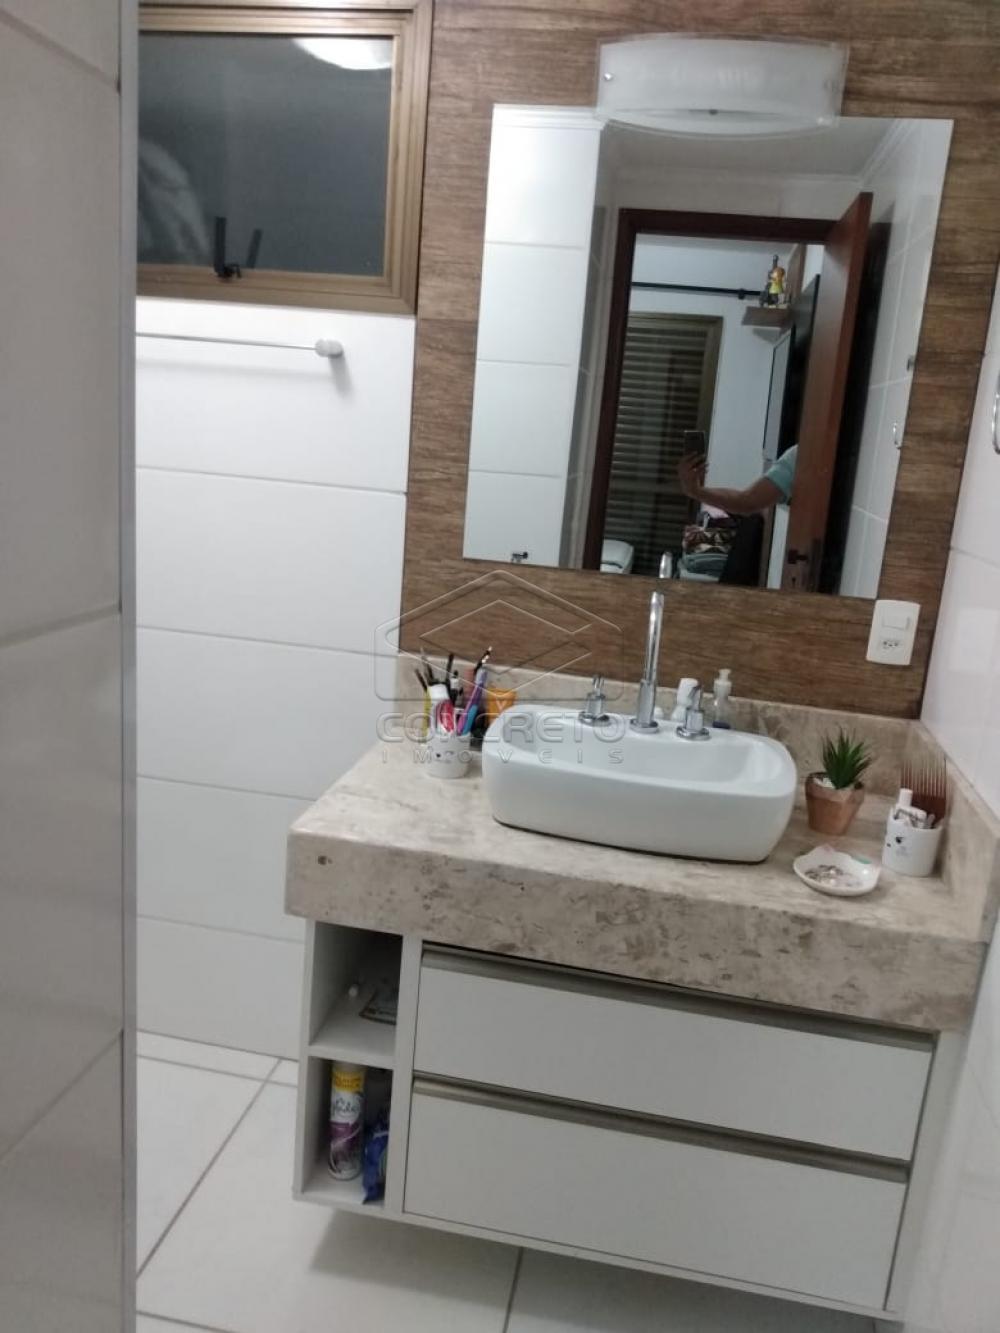 Comprar Apartamento / Padrão em Bauru R$ 530.000,00 - Foto 12